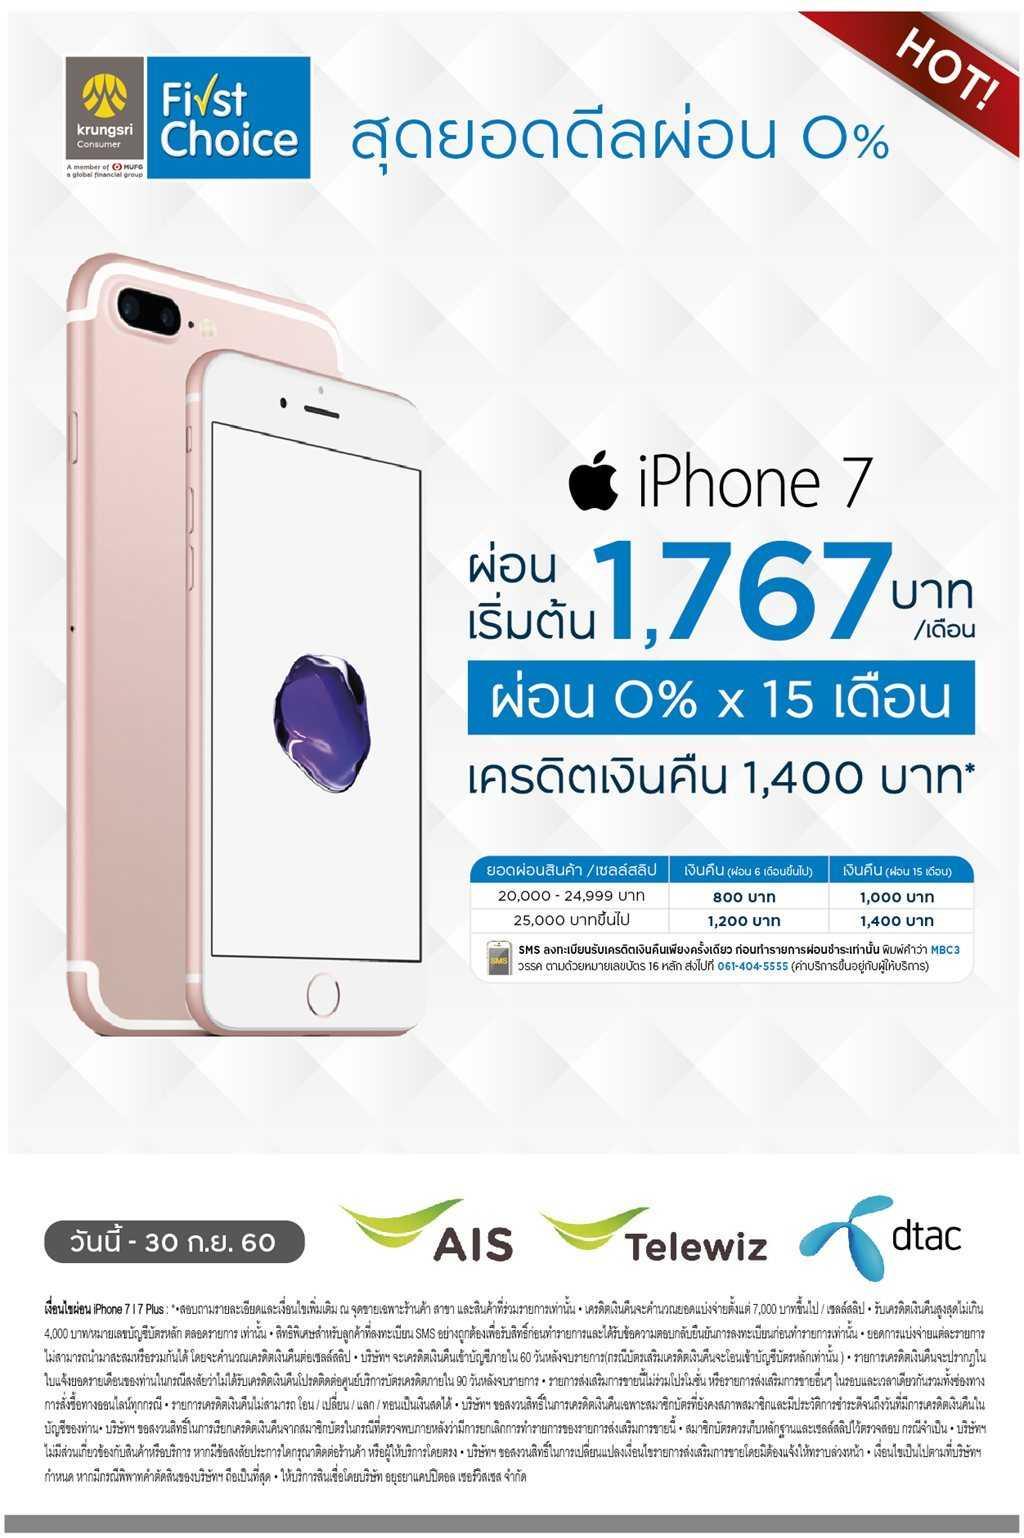 โปรโมชั่น เฟิร์สช้อย ผ่อนไอโฟน iPhone7 0% นาน 15 เดือน